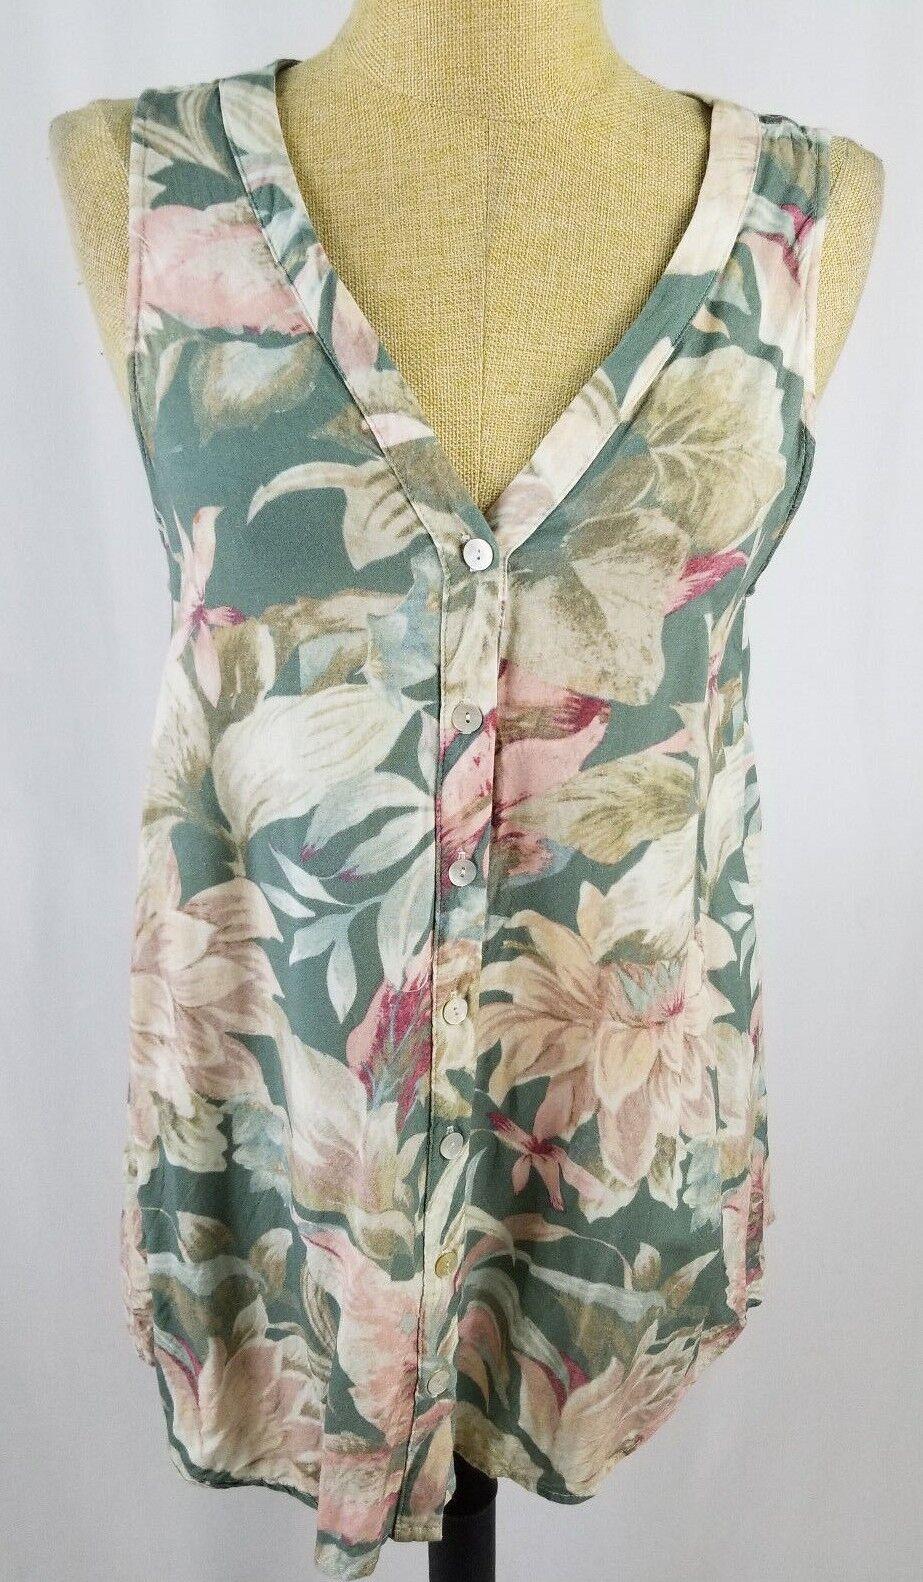 Show Me Your MuMu Tropical Floral Sleeveless Green Pink Medium Top Shirt